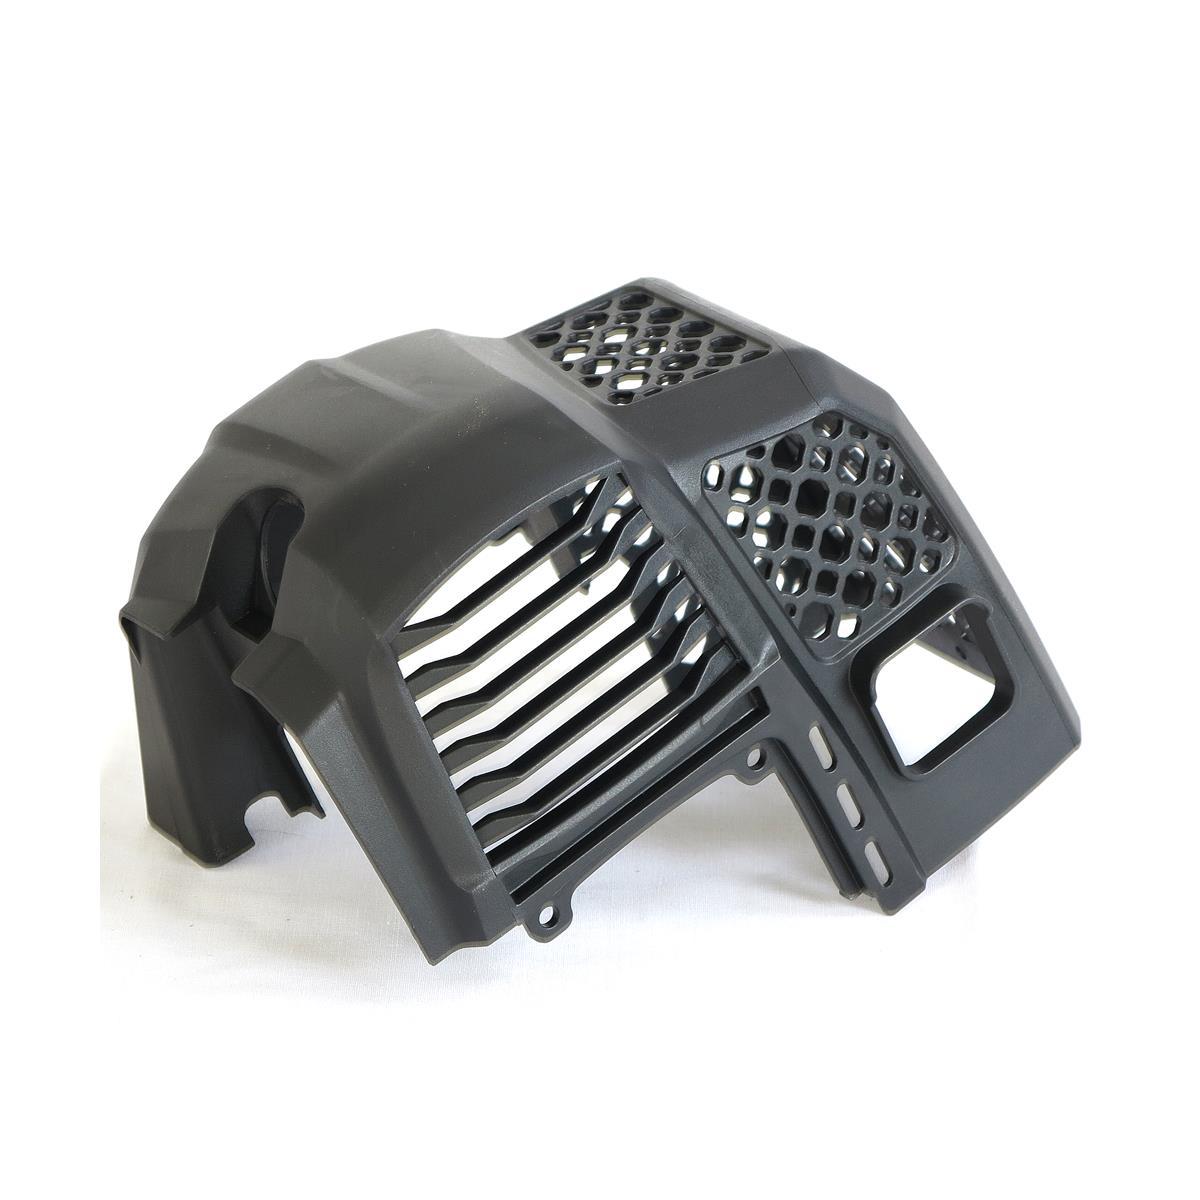 Motorabdeckung für FX-MS152 / MT152 / EB152